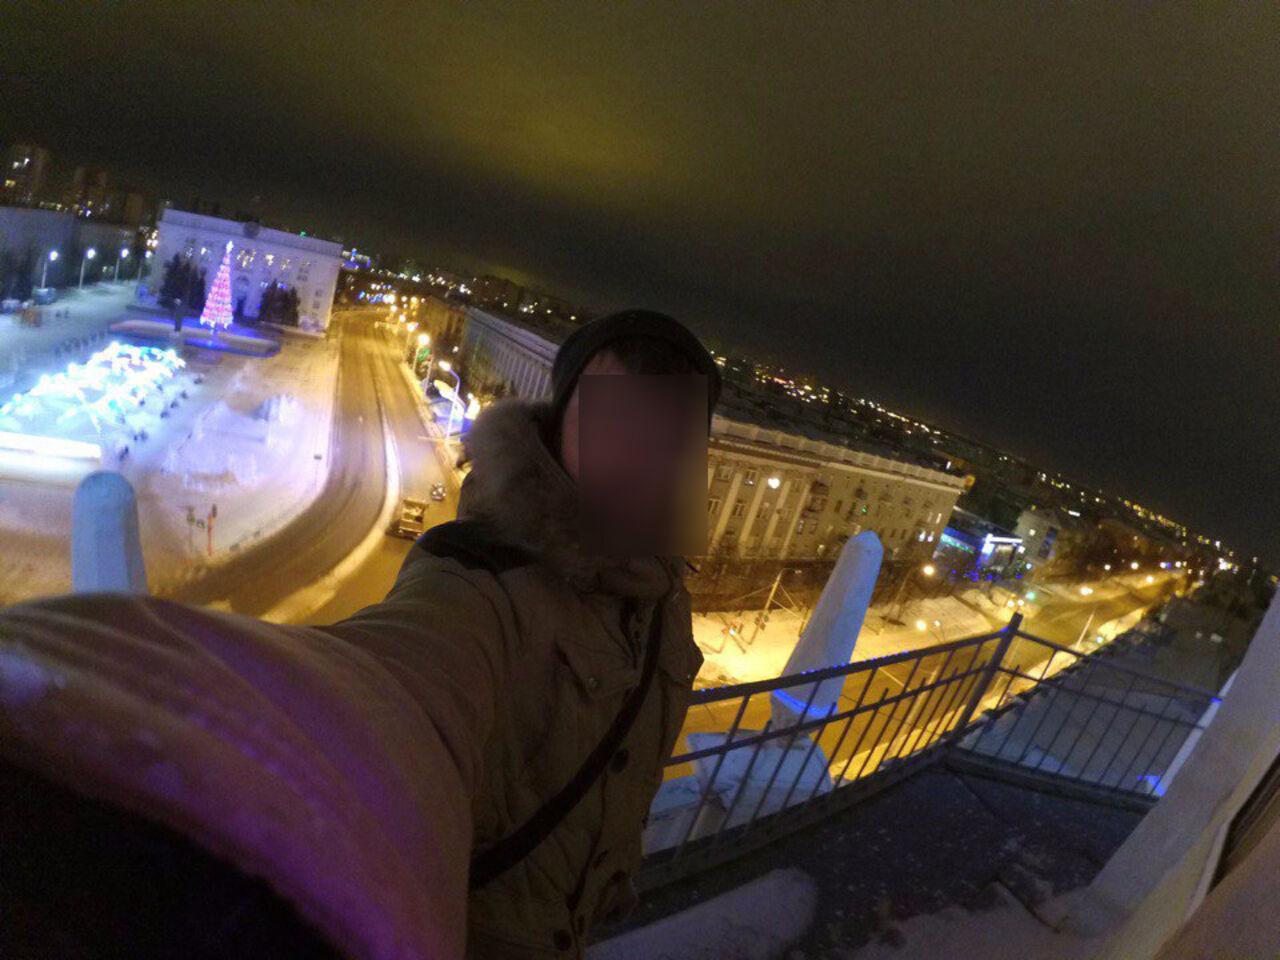 ВКузбассе милиция разыскивает участников экстремальной фотосессии